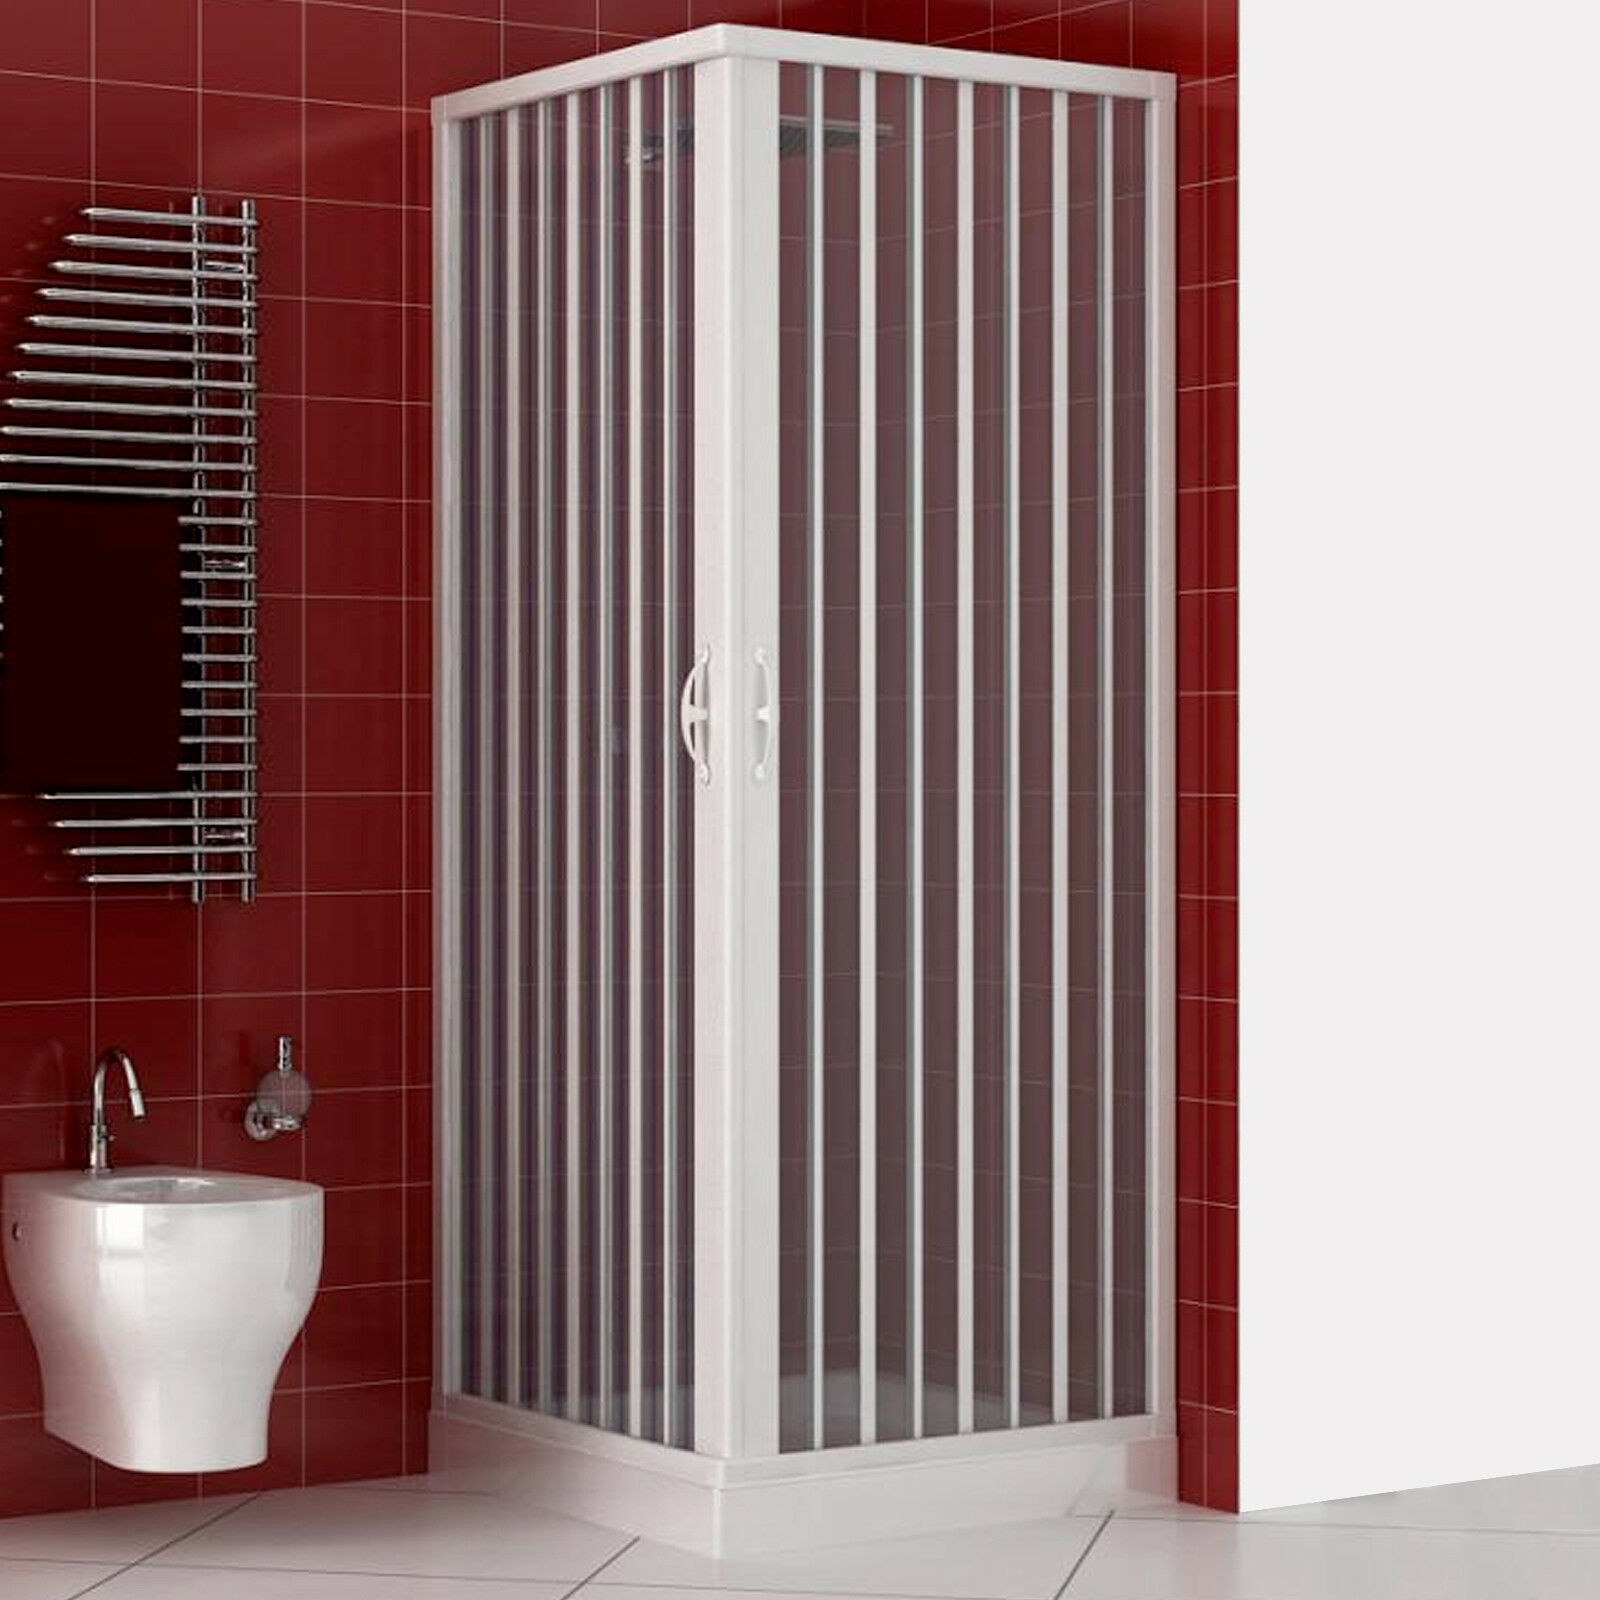 Box doccia acrilico 90x70 bainco apertura a soffietto riducibile su misura nuovo